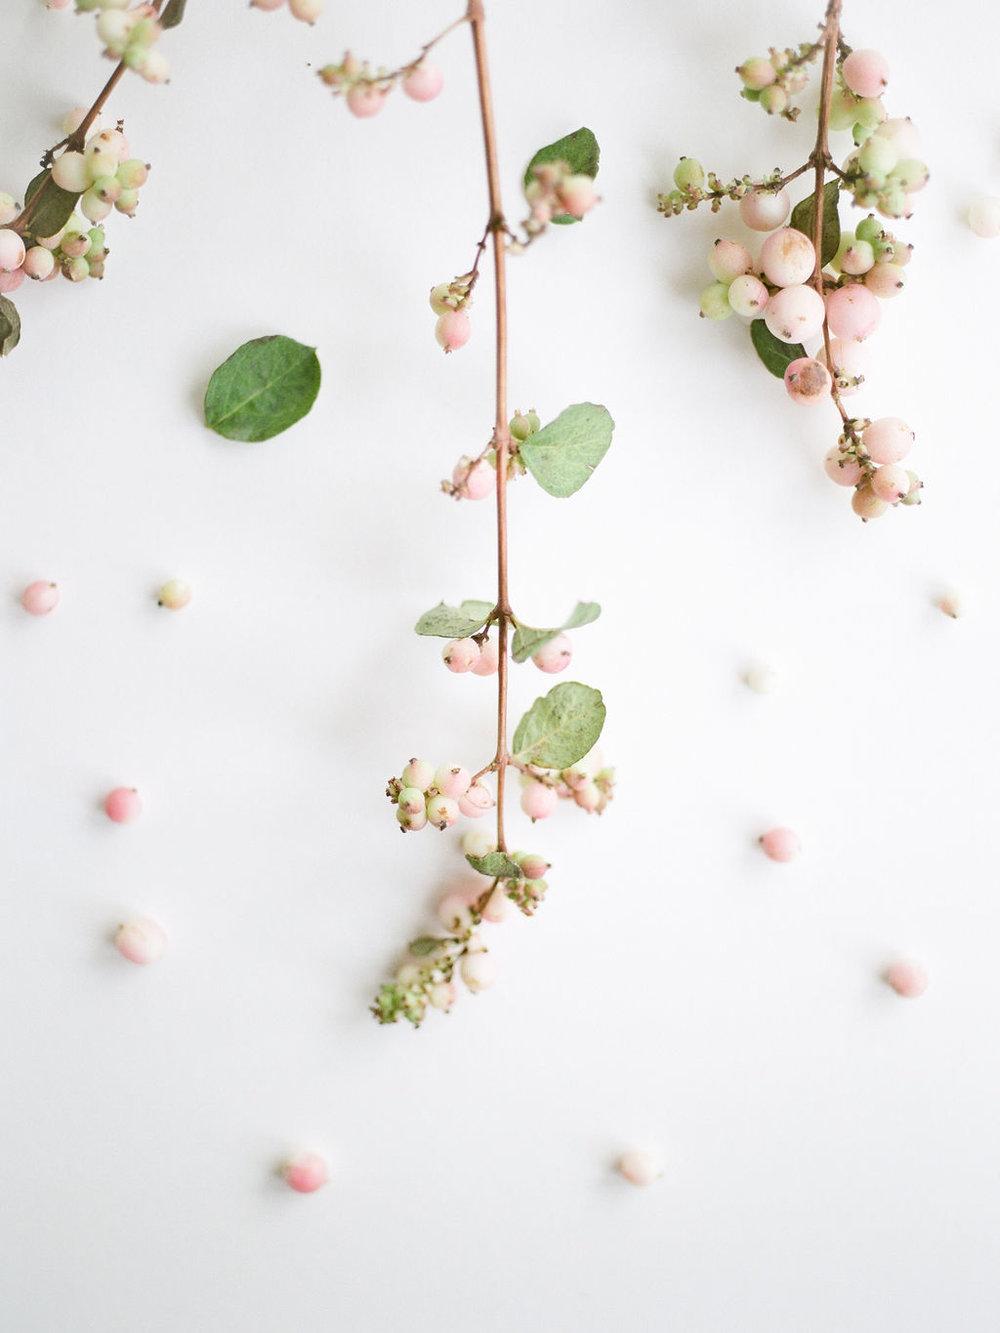 Maxit-Flower-Design-Christine-Gosch-Wedding-Event-Flowers-Snowberries.jpg